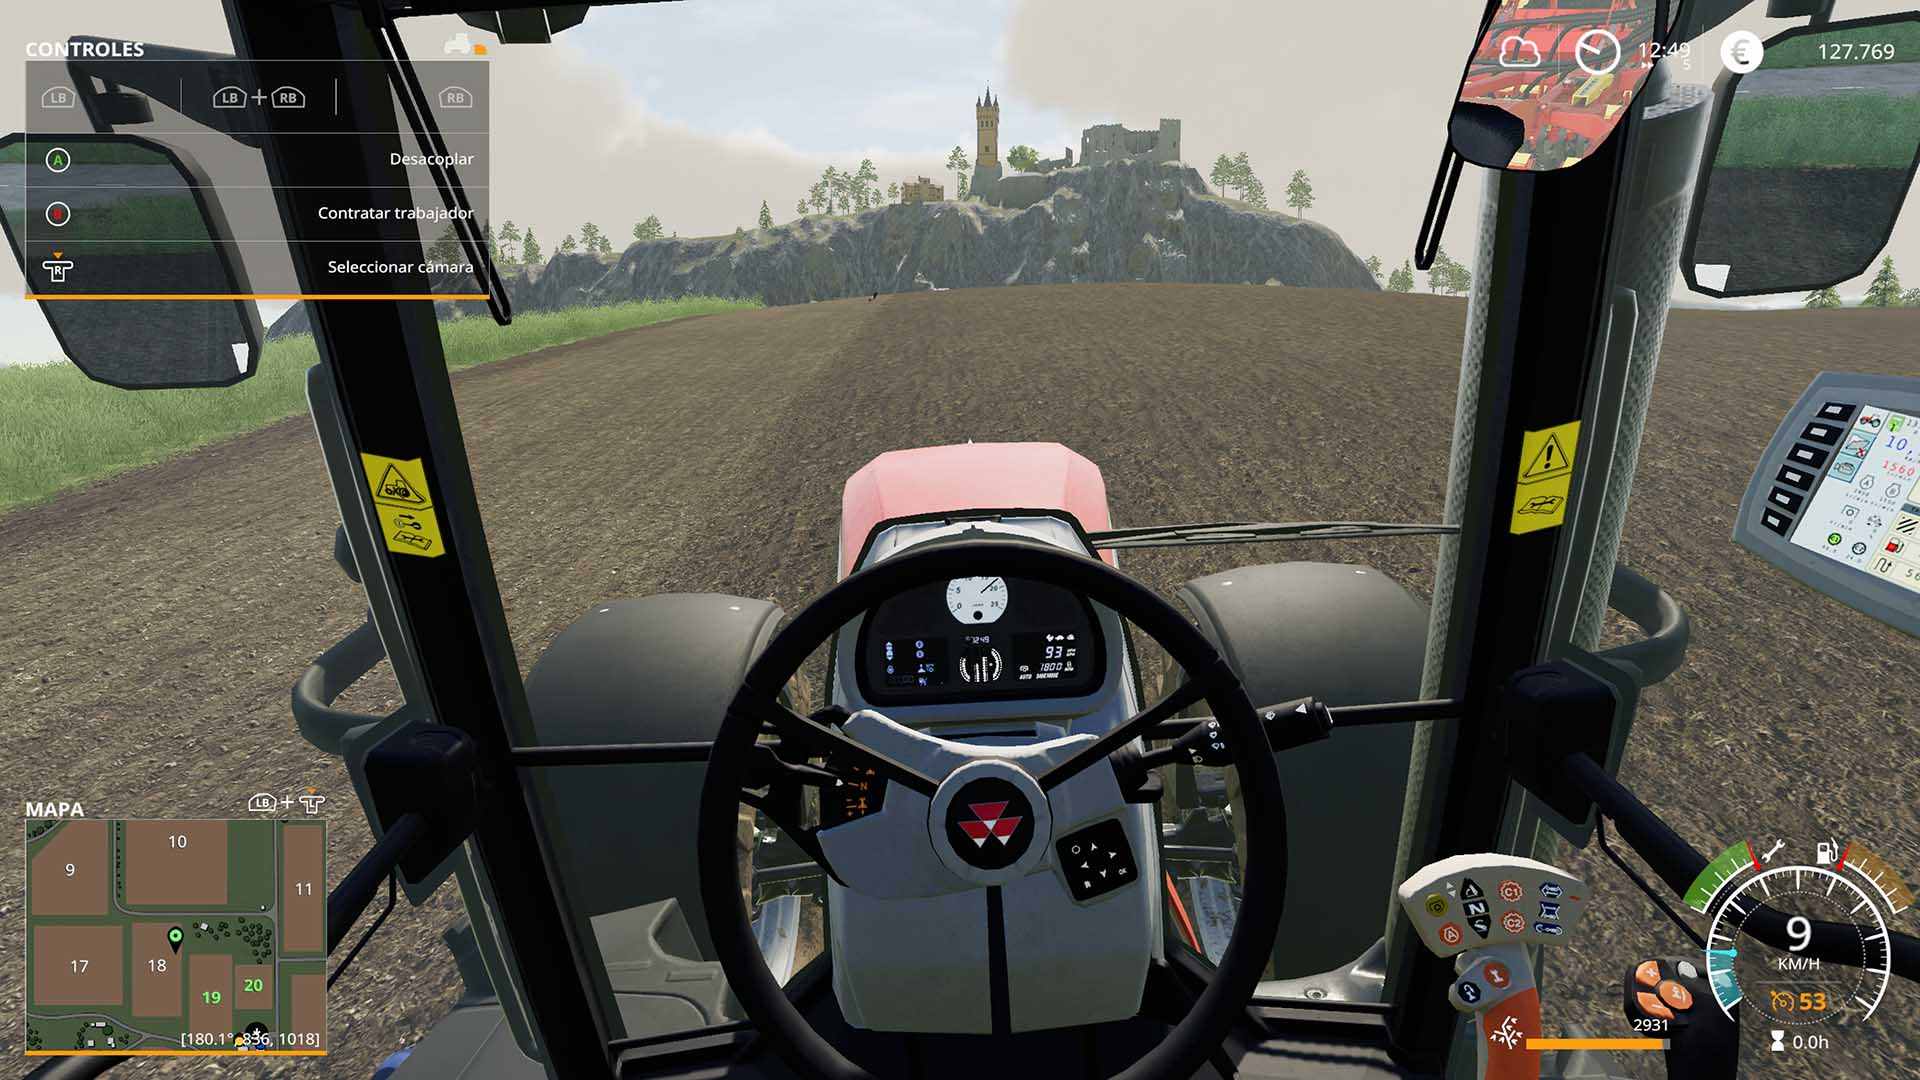 Análisis de Farming Simulator 19 - Xbox One 2